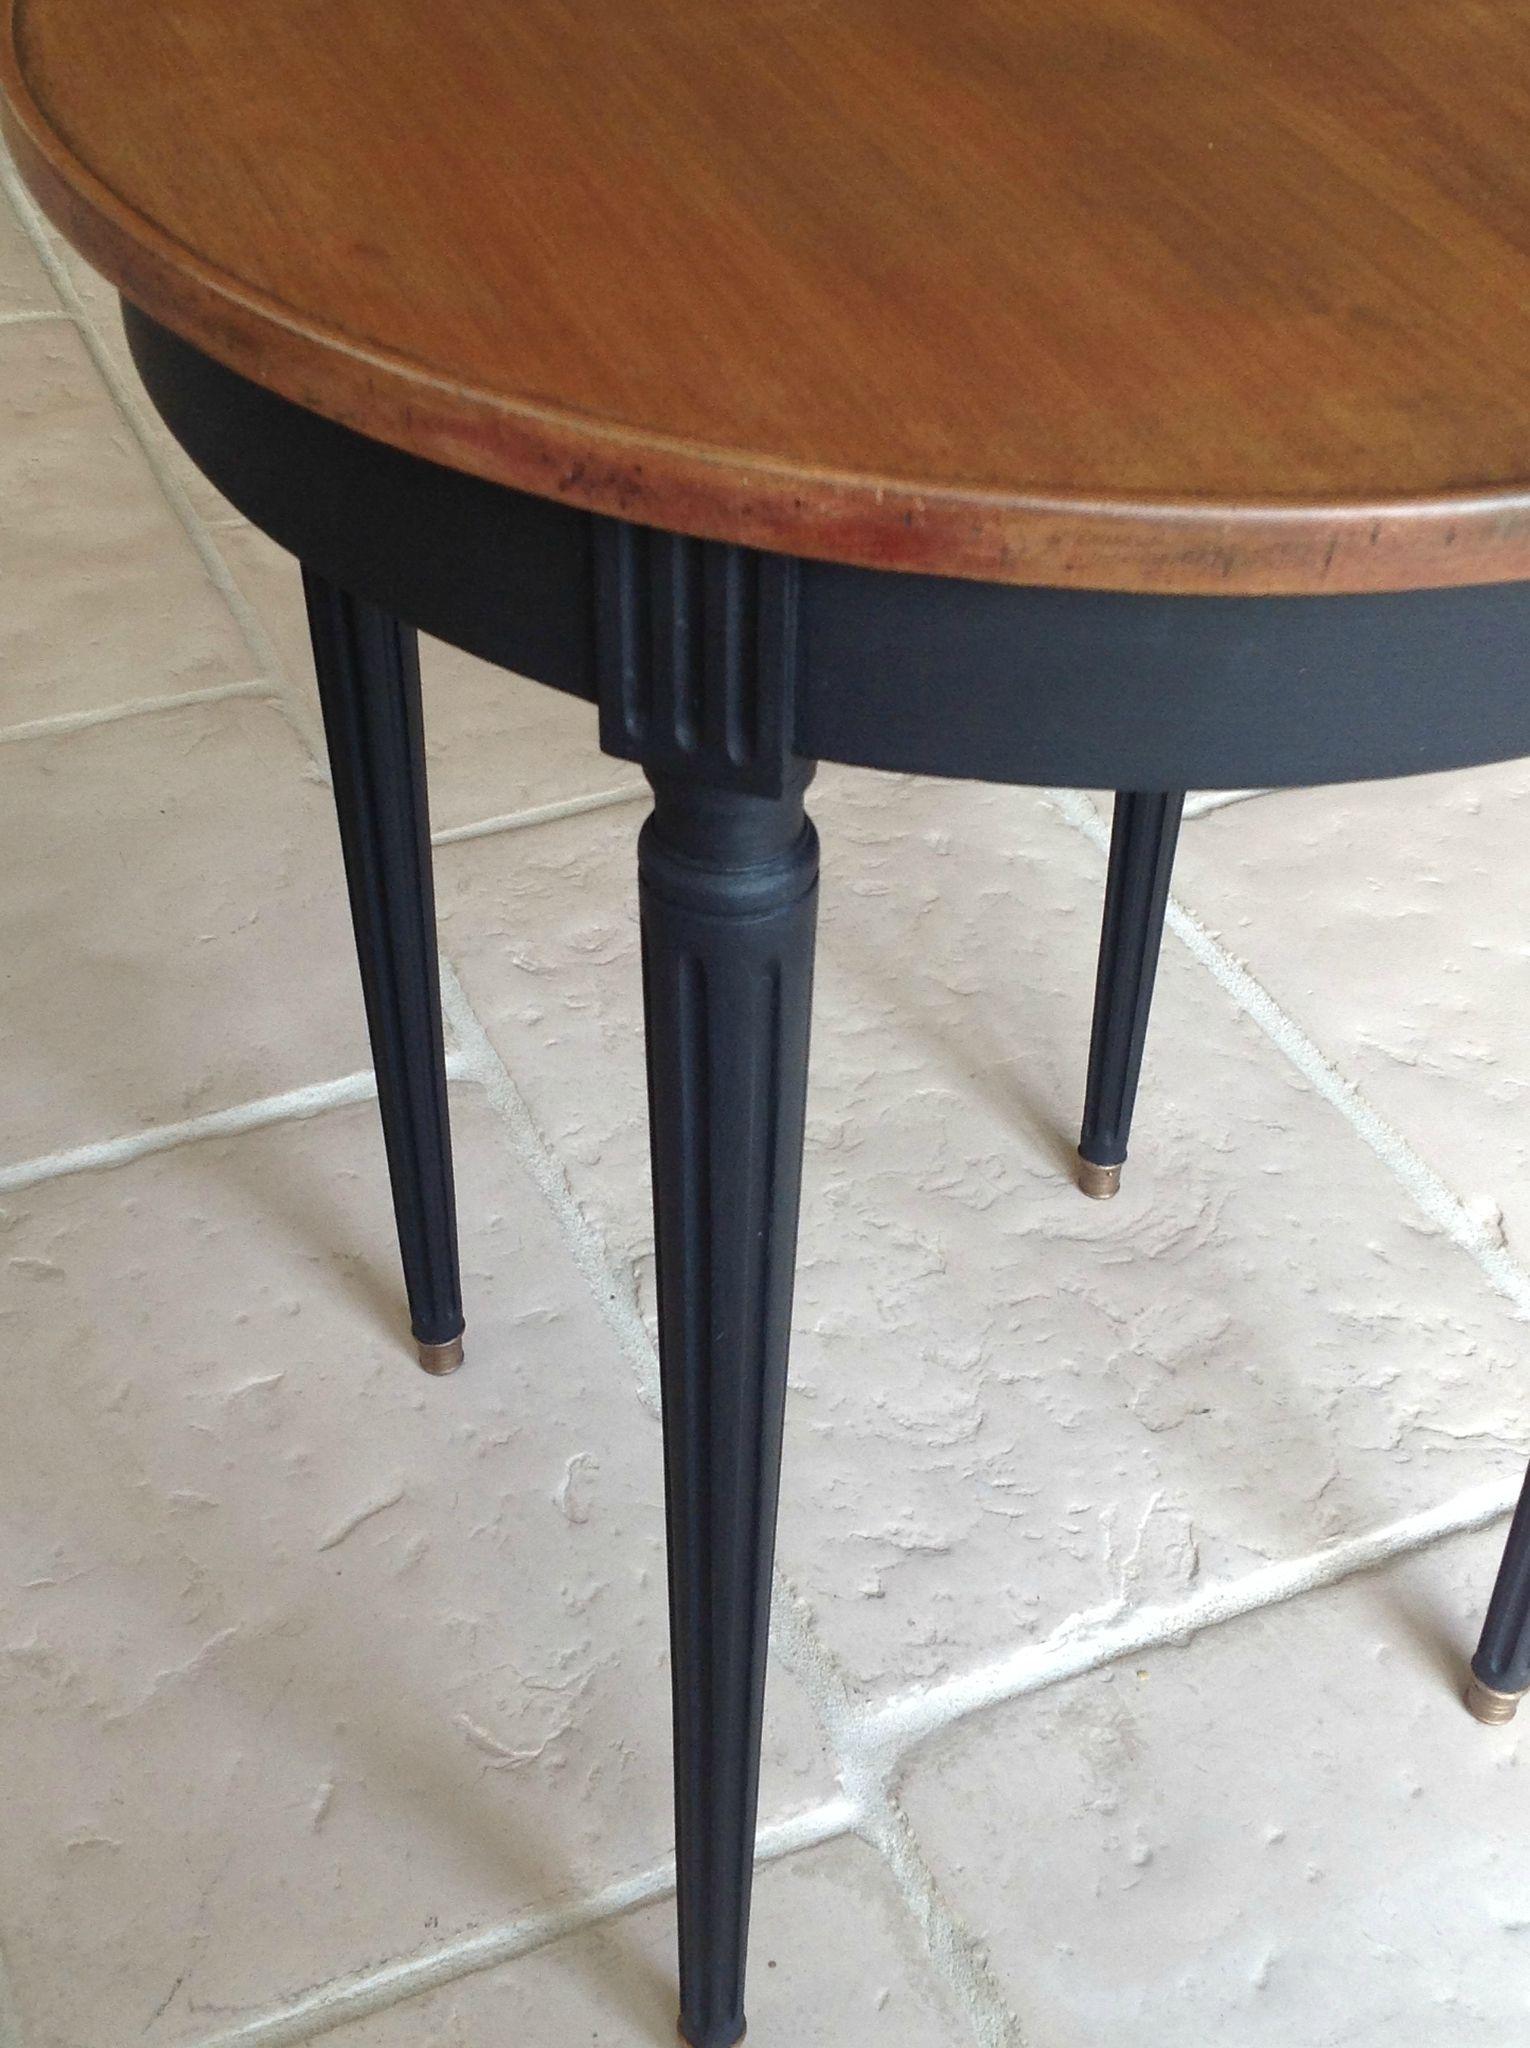 PATINE NOIRE MODERNE POUR UNE TABLE AUX LIGNES CLASSIQUES  LAtelier dEma  DCO DIY